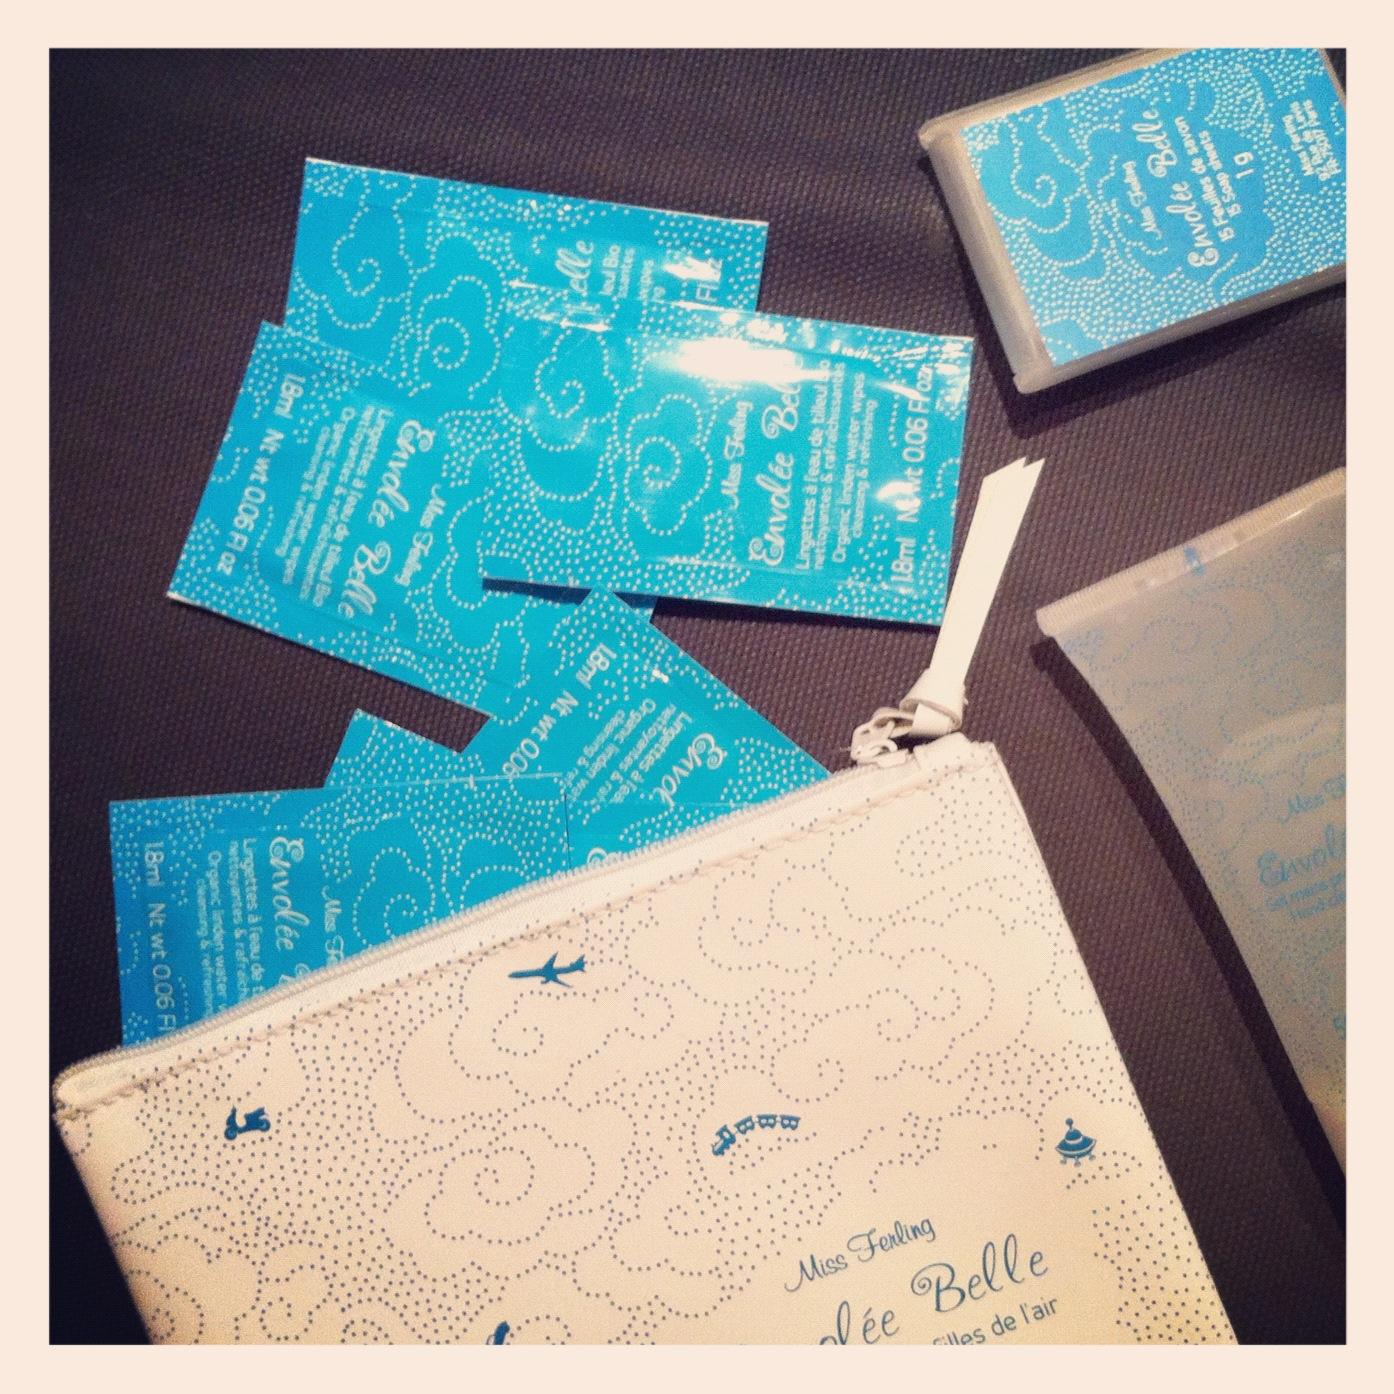 Les Papotages de Nana - Miss Ferling